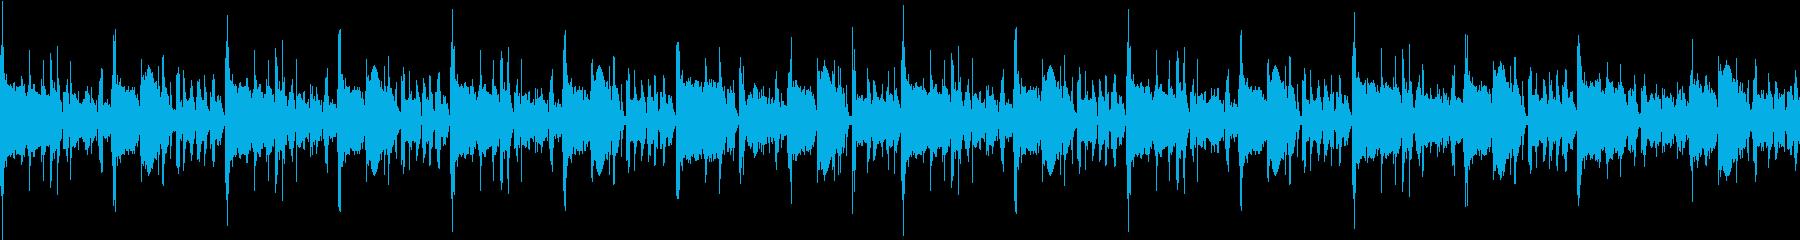 疾走感のあるアップテンポなループBGMの再生済みの波形